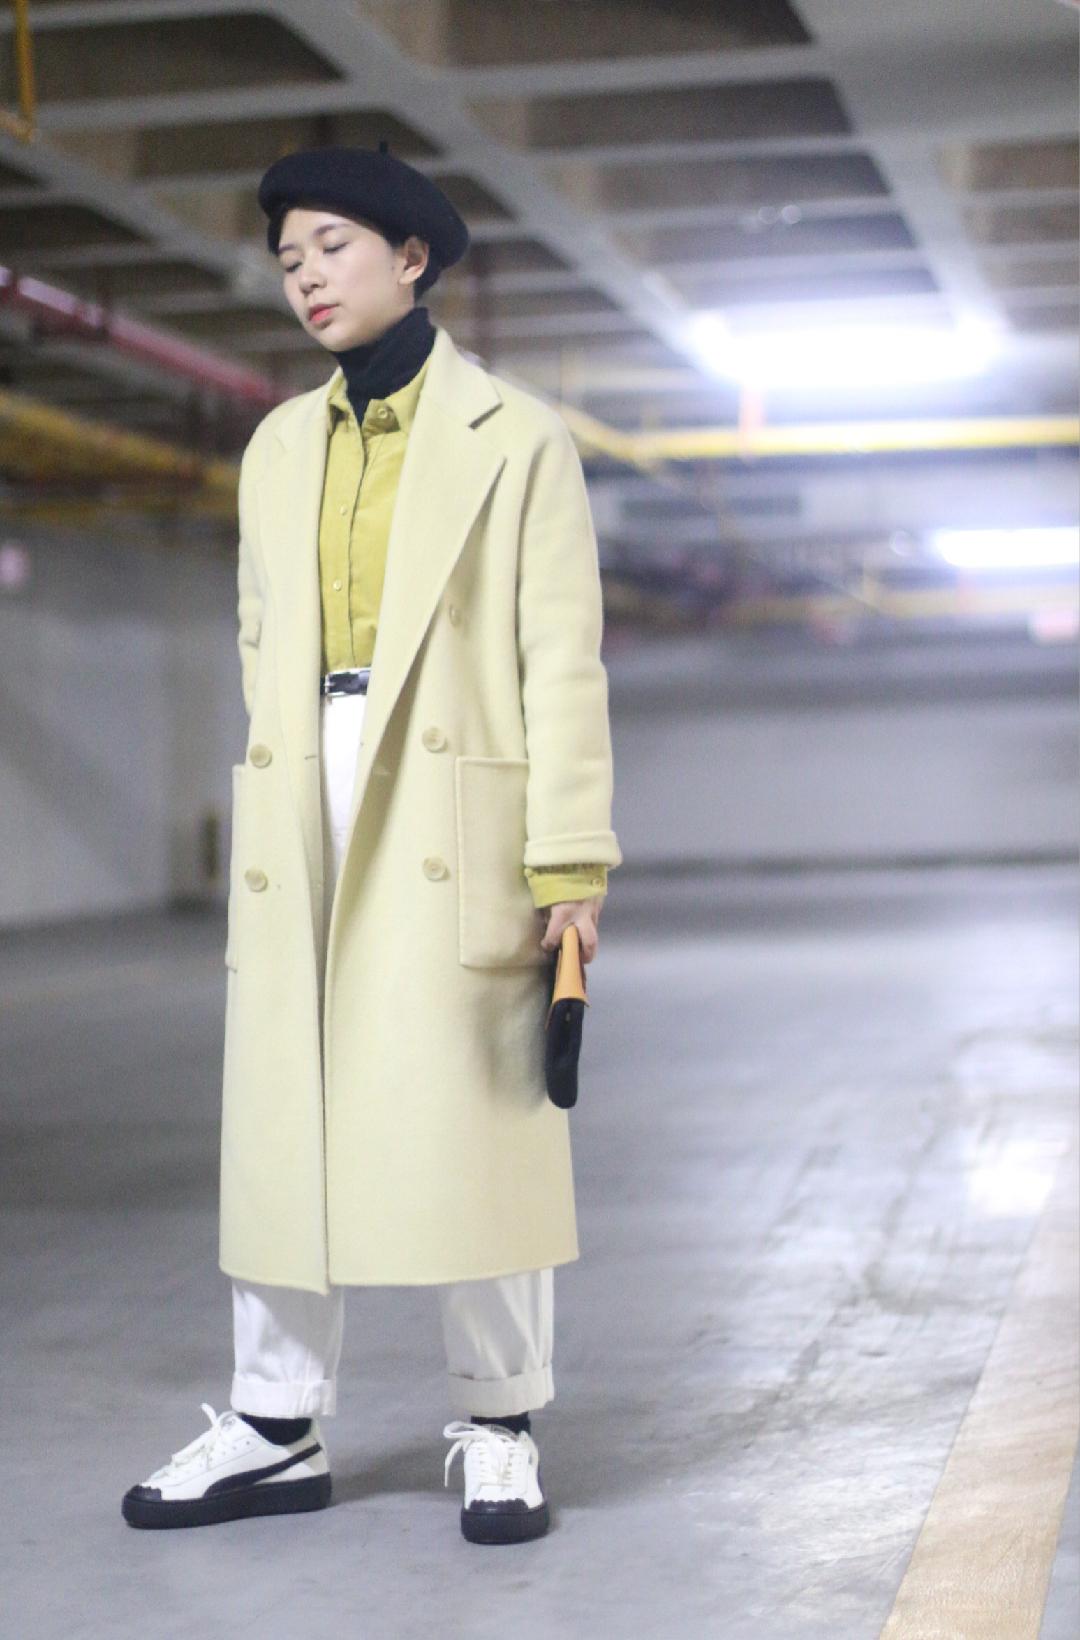 关键词:叠穿、一衣多穿、同色系 Look3:黄色大衣搭配同色系黄衬衫,叠穿高领针织,非常中性复古的一套,另外搭配黑白色永远不会错~ #看我一衣三穿的本事#